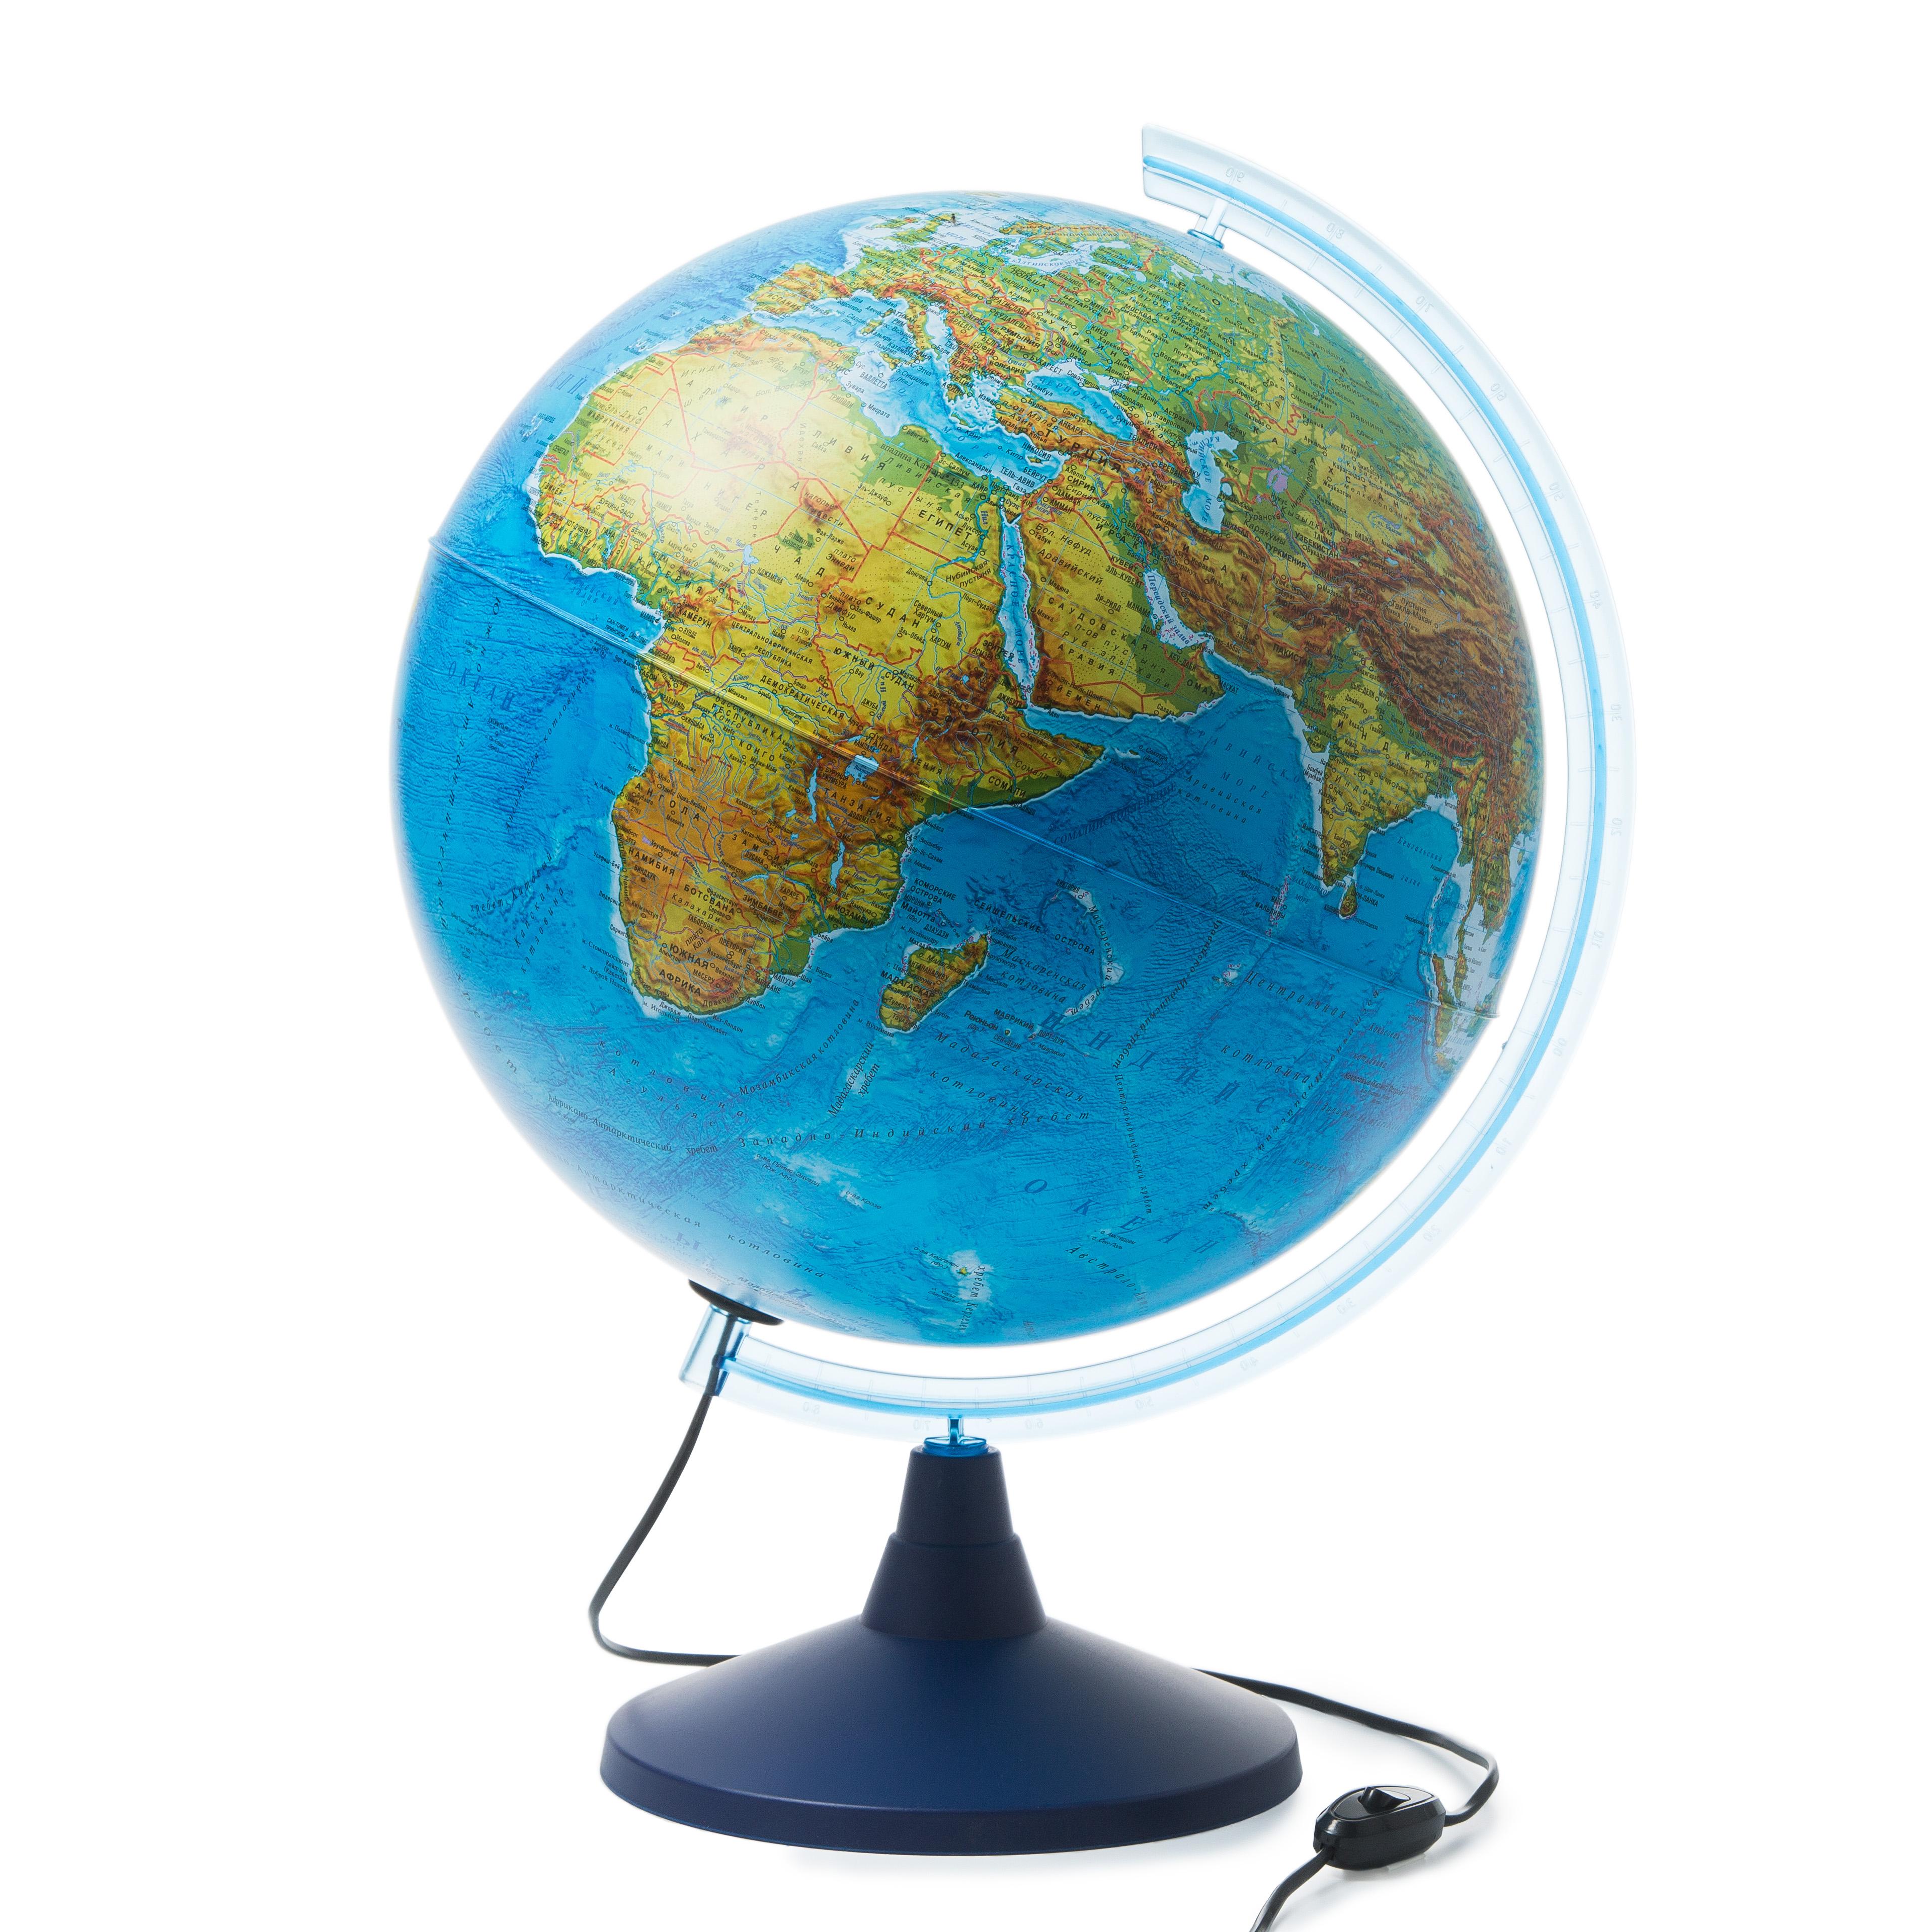 Globusy Globus Zemli D 40 S Dvojnoj Kartoj Fiziko Politicheskij